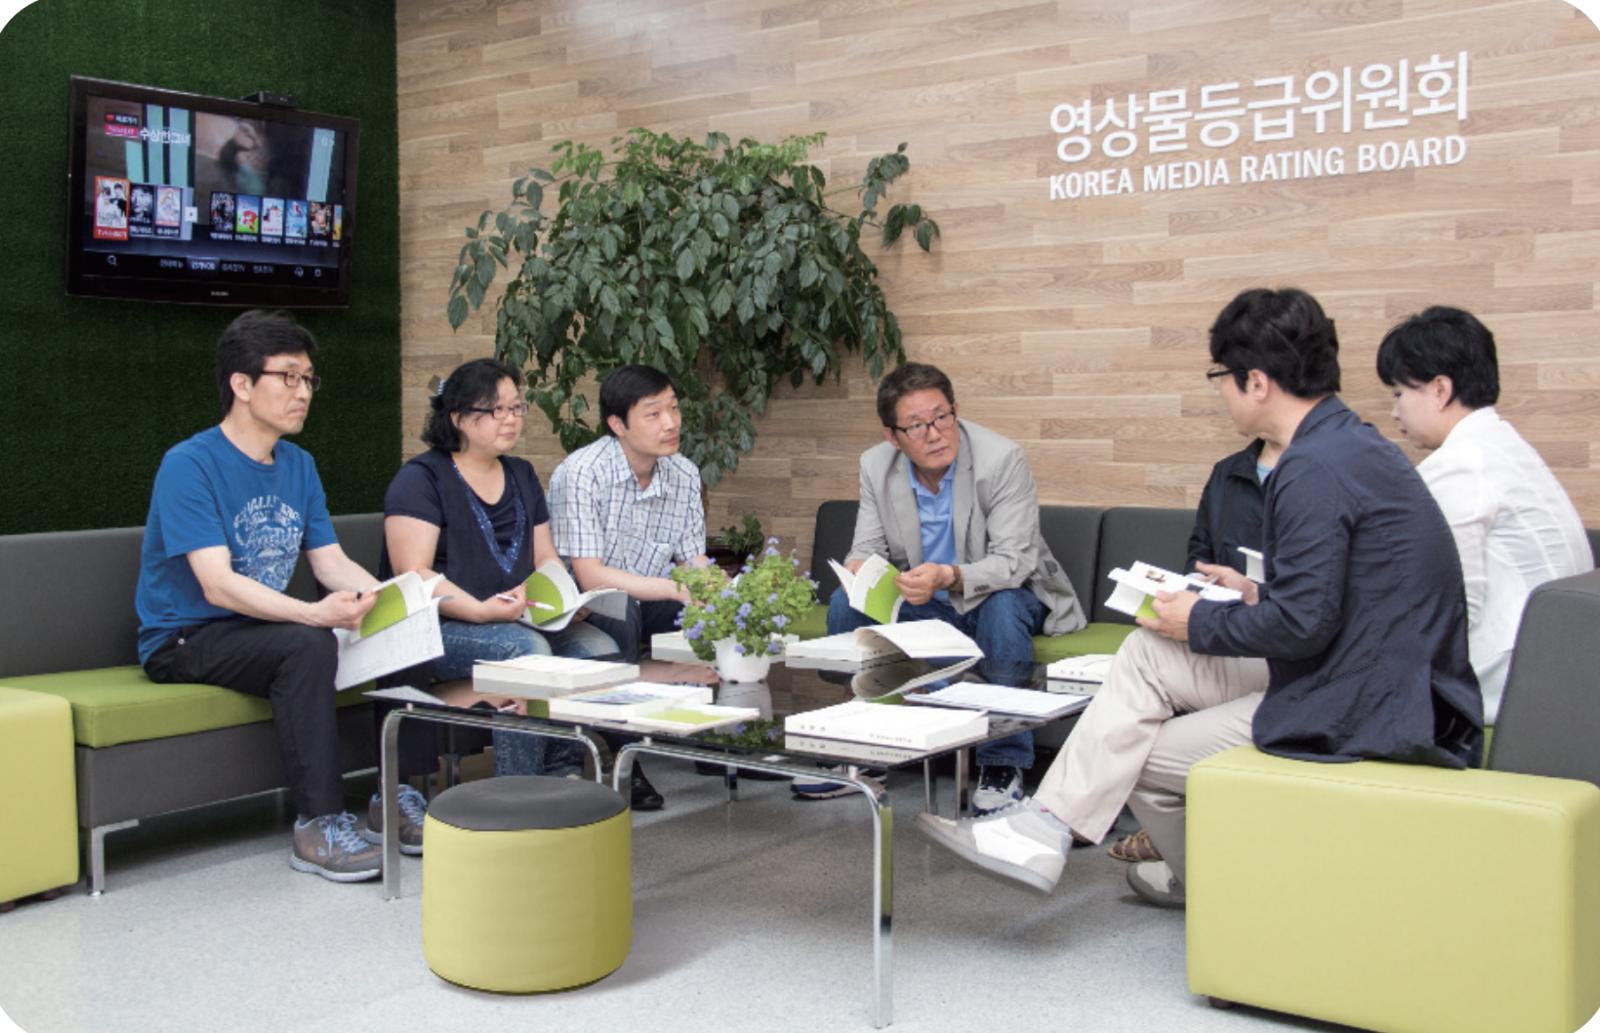 韩国改革游戏分级审批程序,游戏机厂家可获得分级自审权